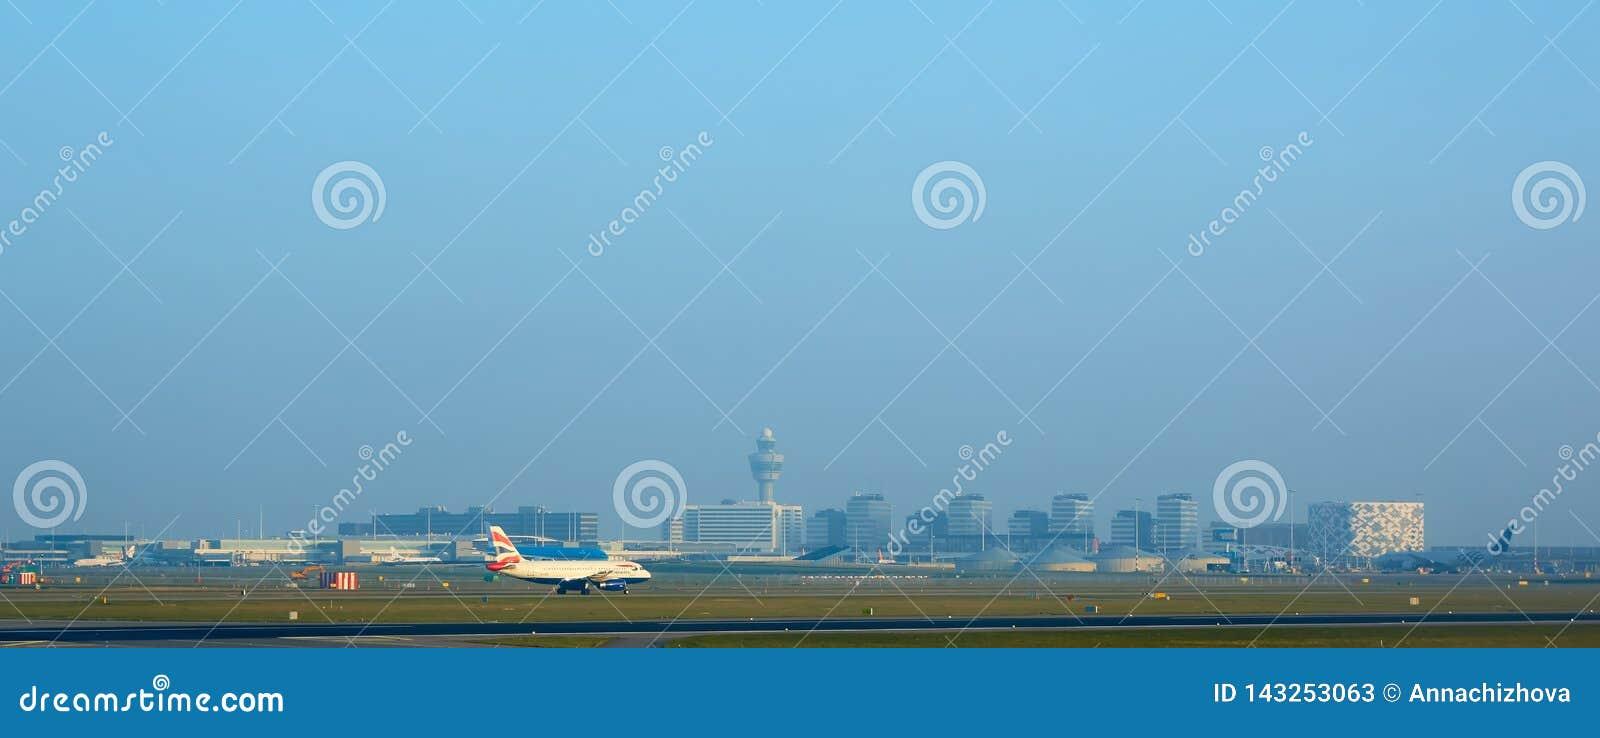 Amsterdam, Paesi Bassi - 11 marzo 2016: Aeroporto Schiphol di Amsterdam nei Paesi Bassi L AMS è i Paesi Bassi principali